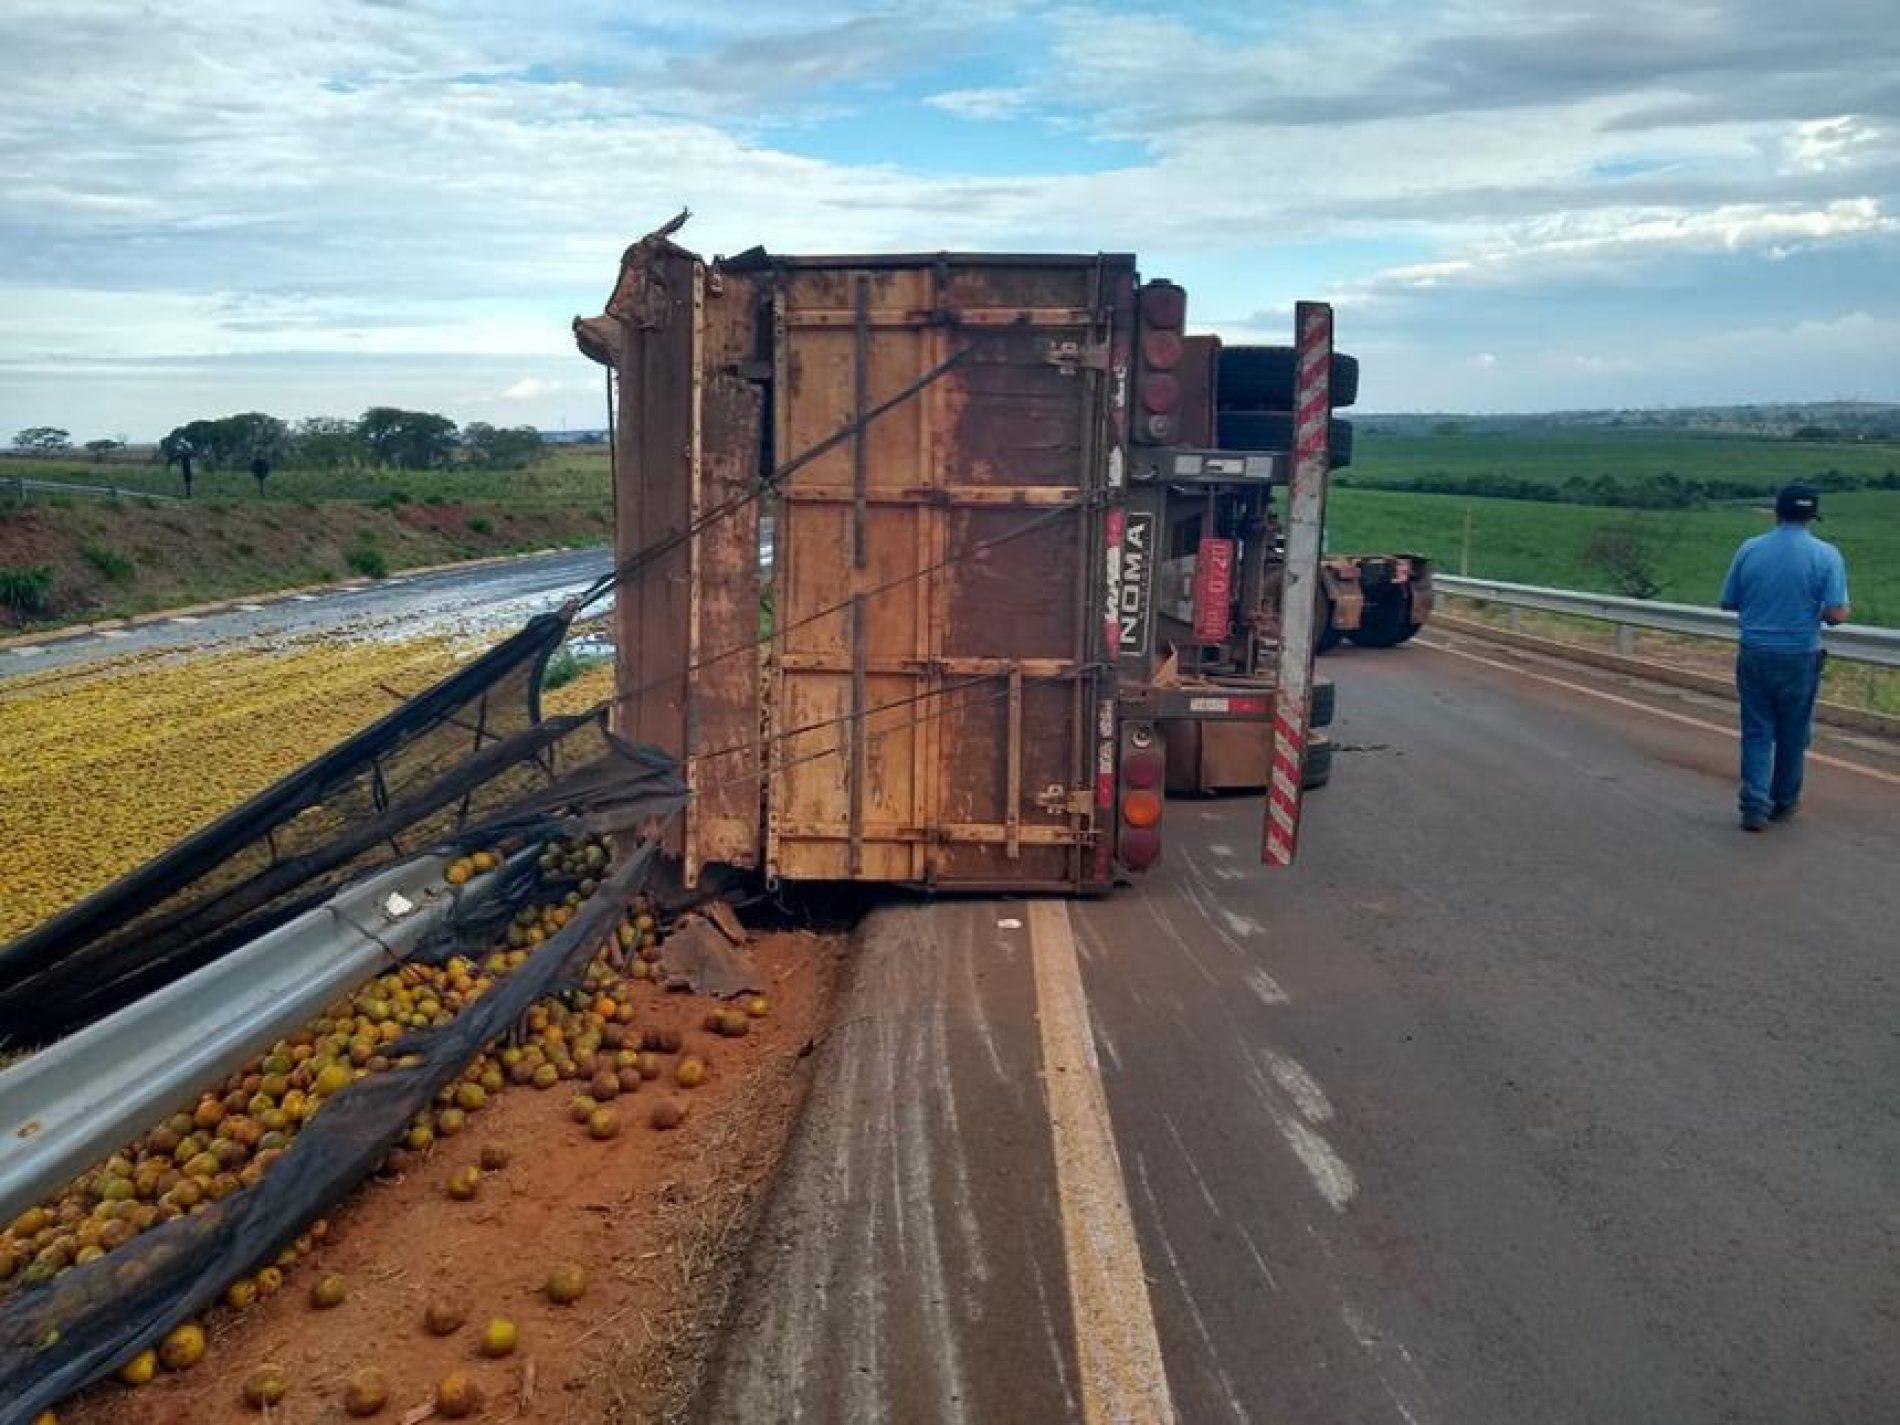 ALTAIR: Motorista de caminhão carregado de laranja perde controle e tomba na rodovia